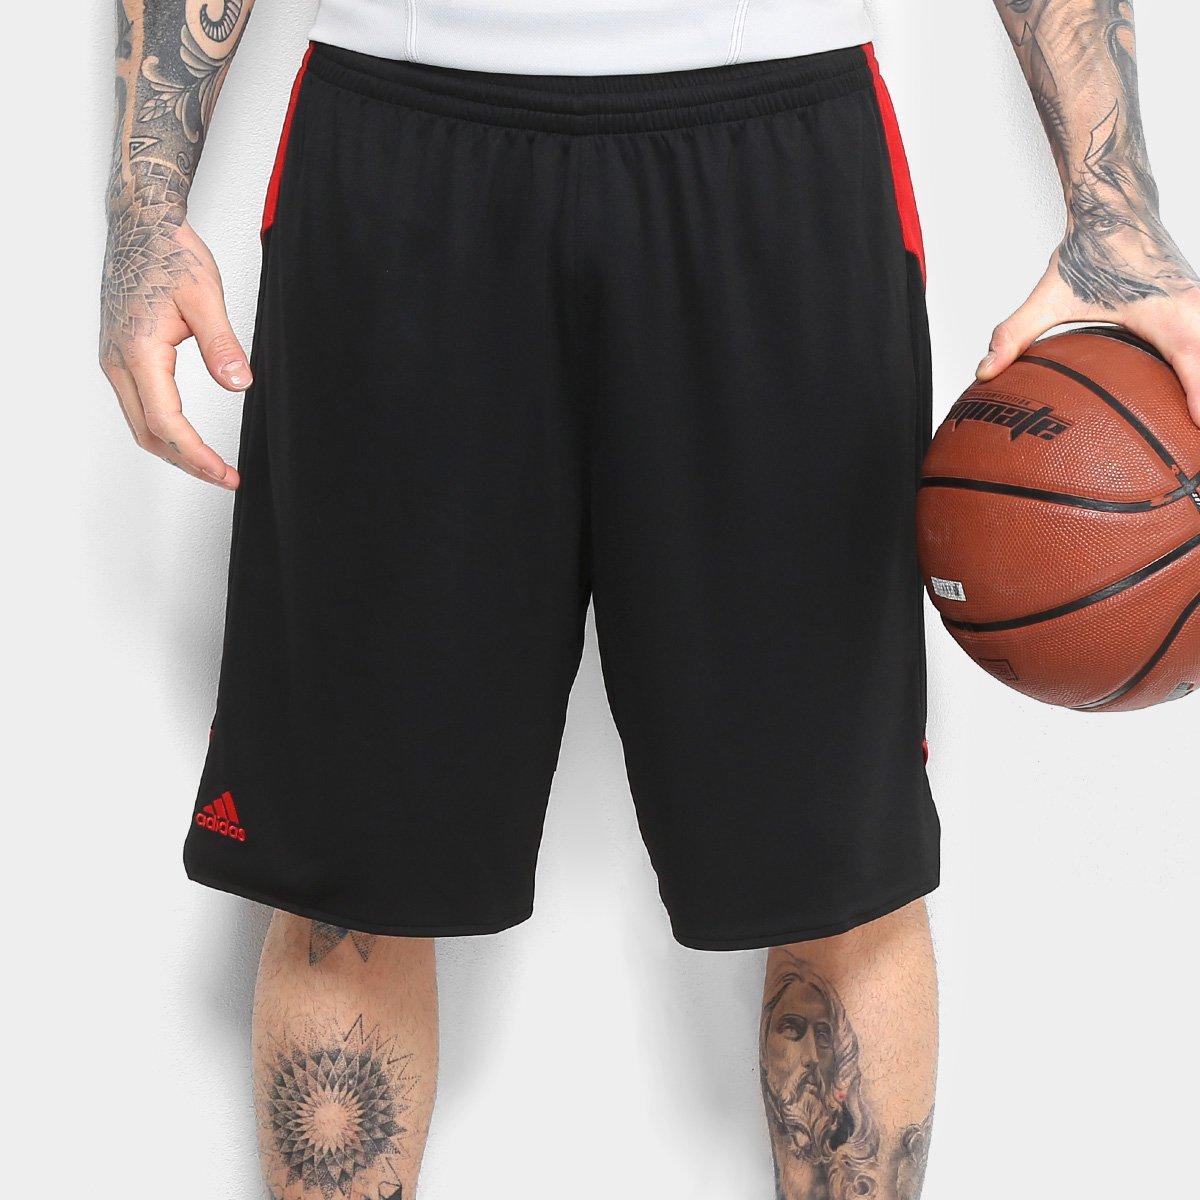 Bermuda Adidas Crazy Explosive Masculina - Compre Agora  2ffff9a9adc70